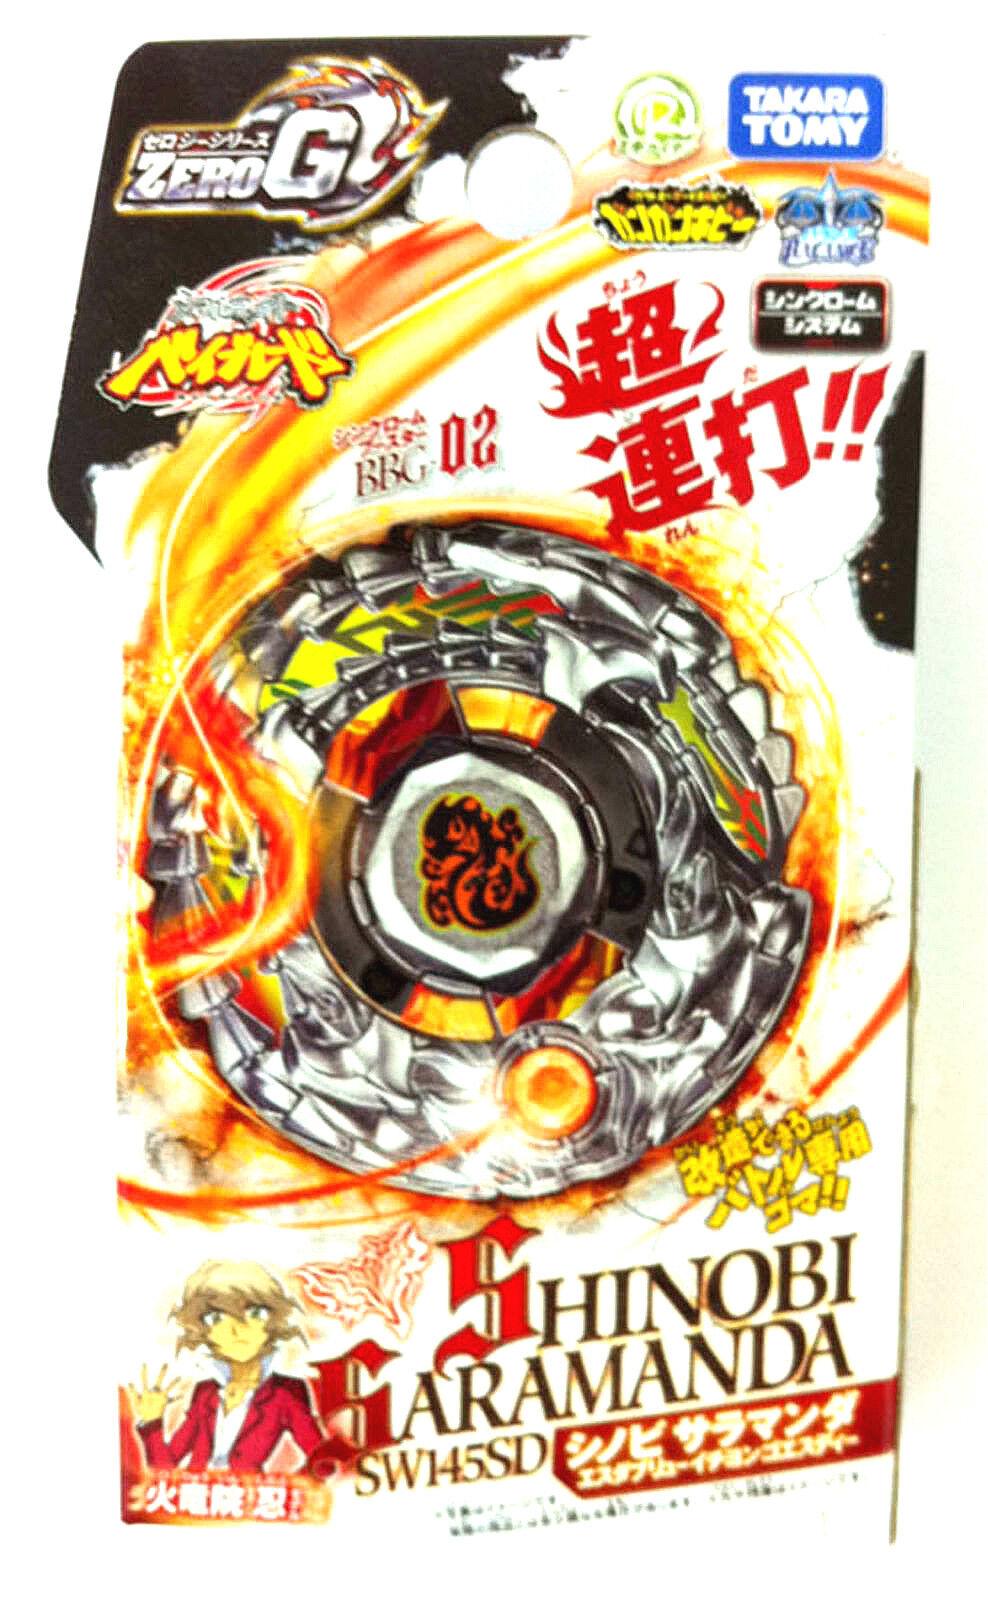 Takara Tomy Beyblade Zero G BBG-02 Shinobi Saramander SW145SD Beyblade Only